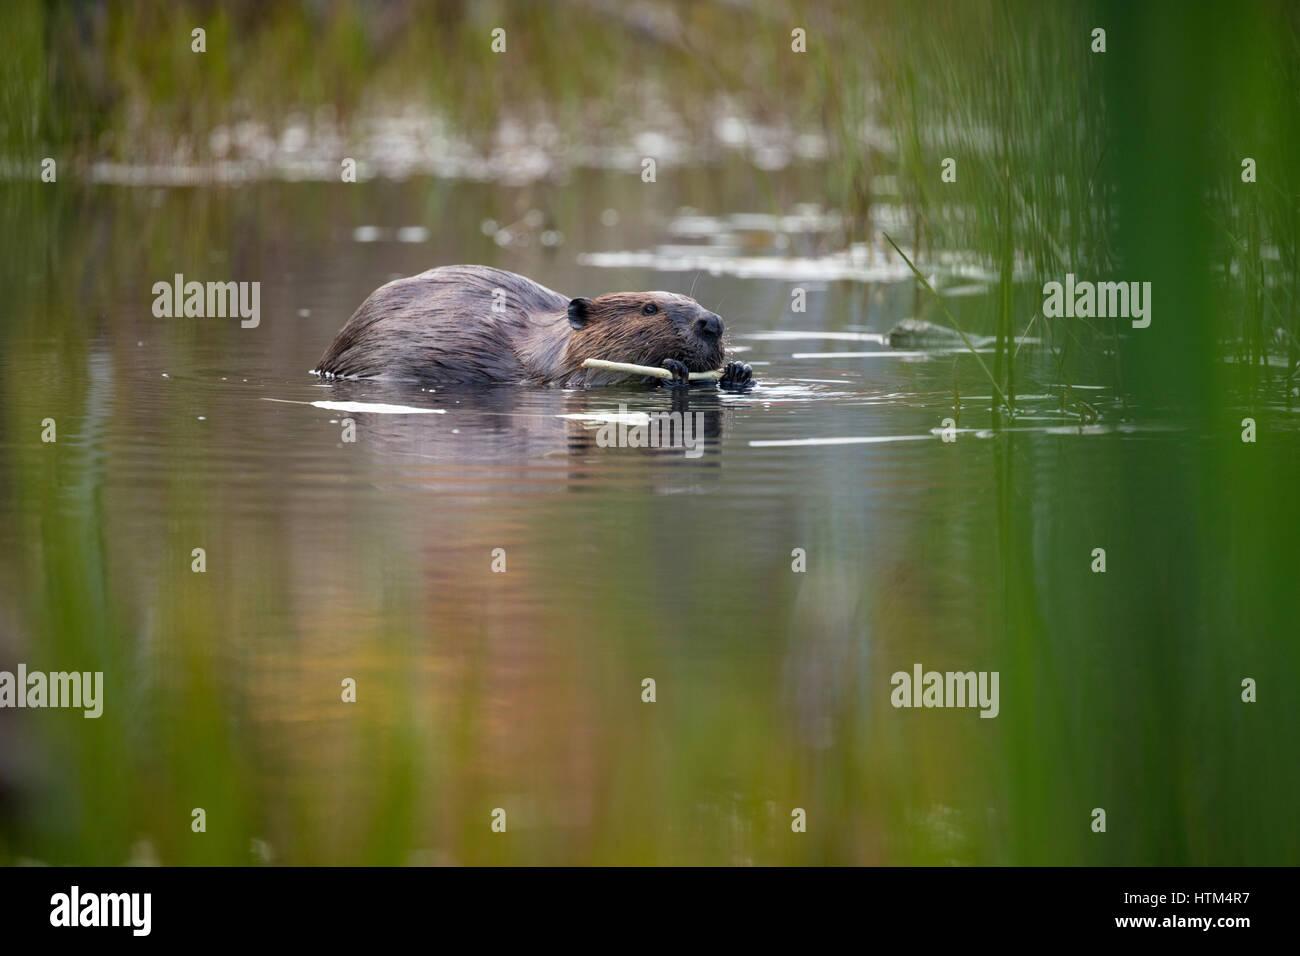 L'alimentation d'un castor dans un étang nr Whitefish Falls, District de Sudbury, Ontario, Canada Banque D'Images